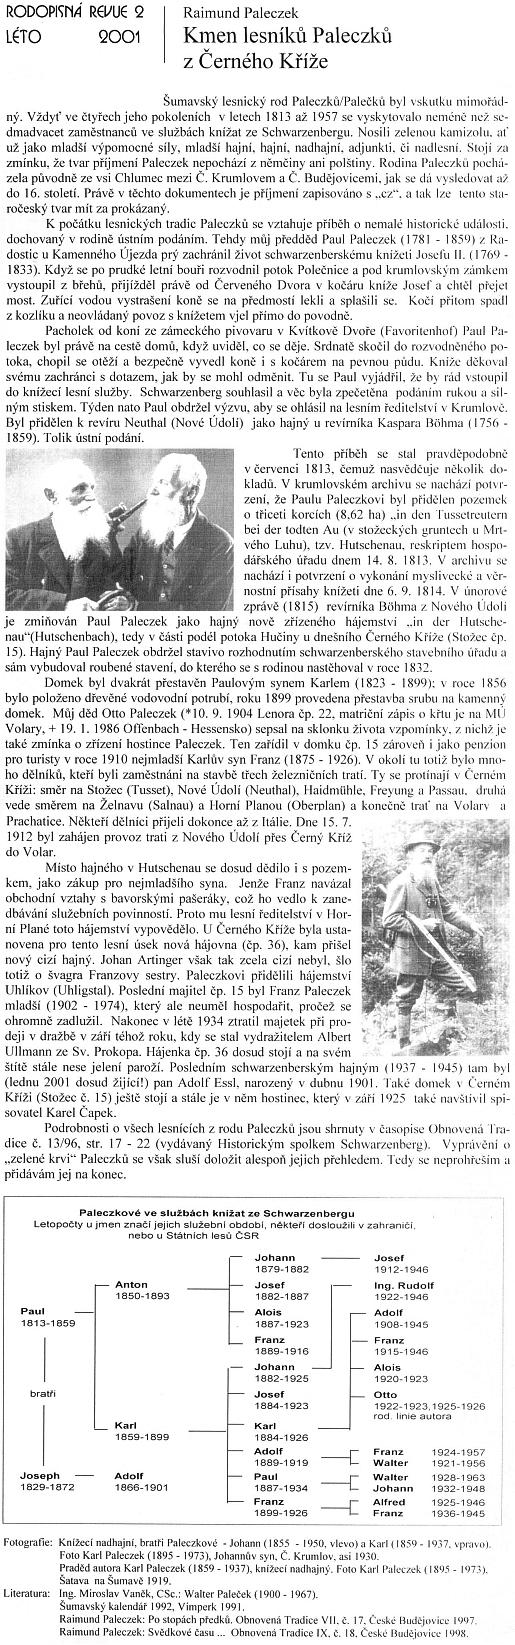 Článek, který napsal Raimund Paleczek o svém dědovi a pradědovi pro Rodopisnou revui a doprovodil jej i dvěma snímky, na nichž je praděd Karl (1859-1937) zachycen